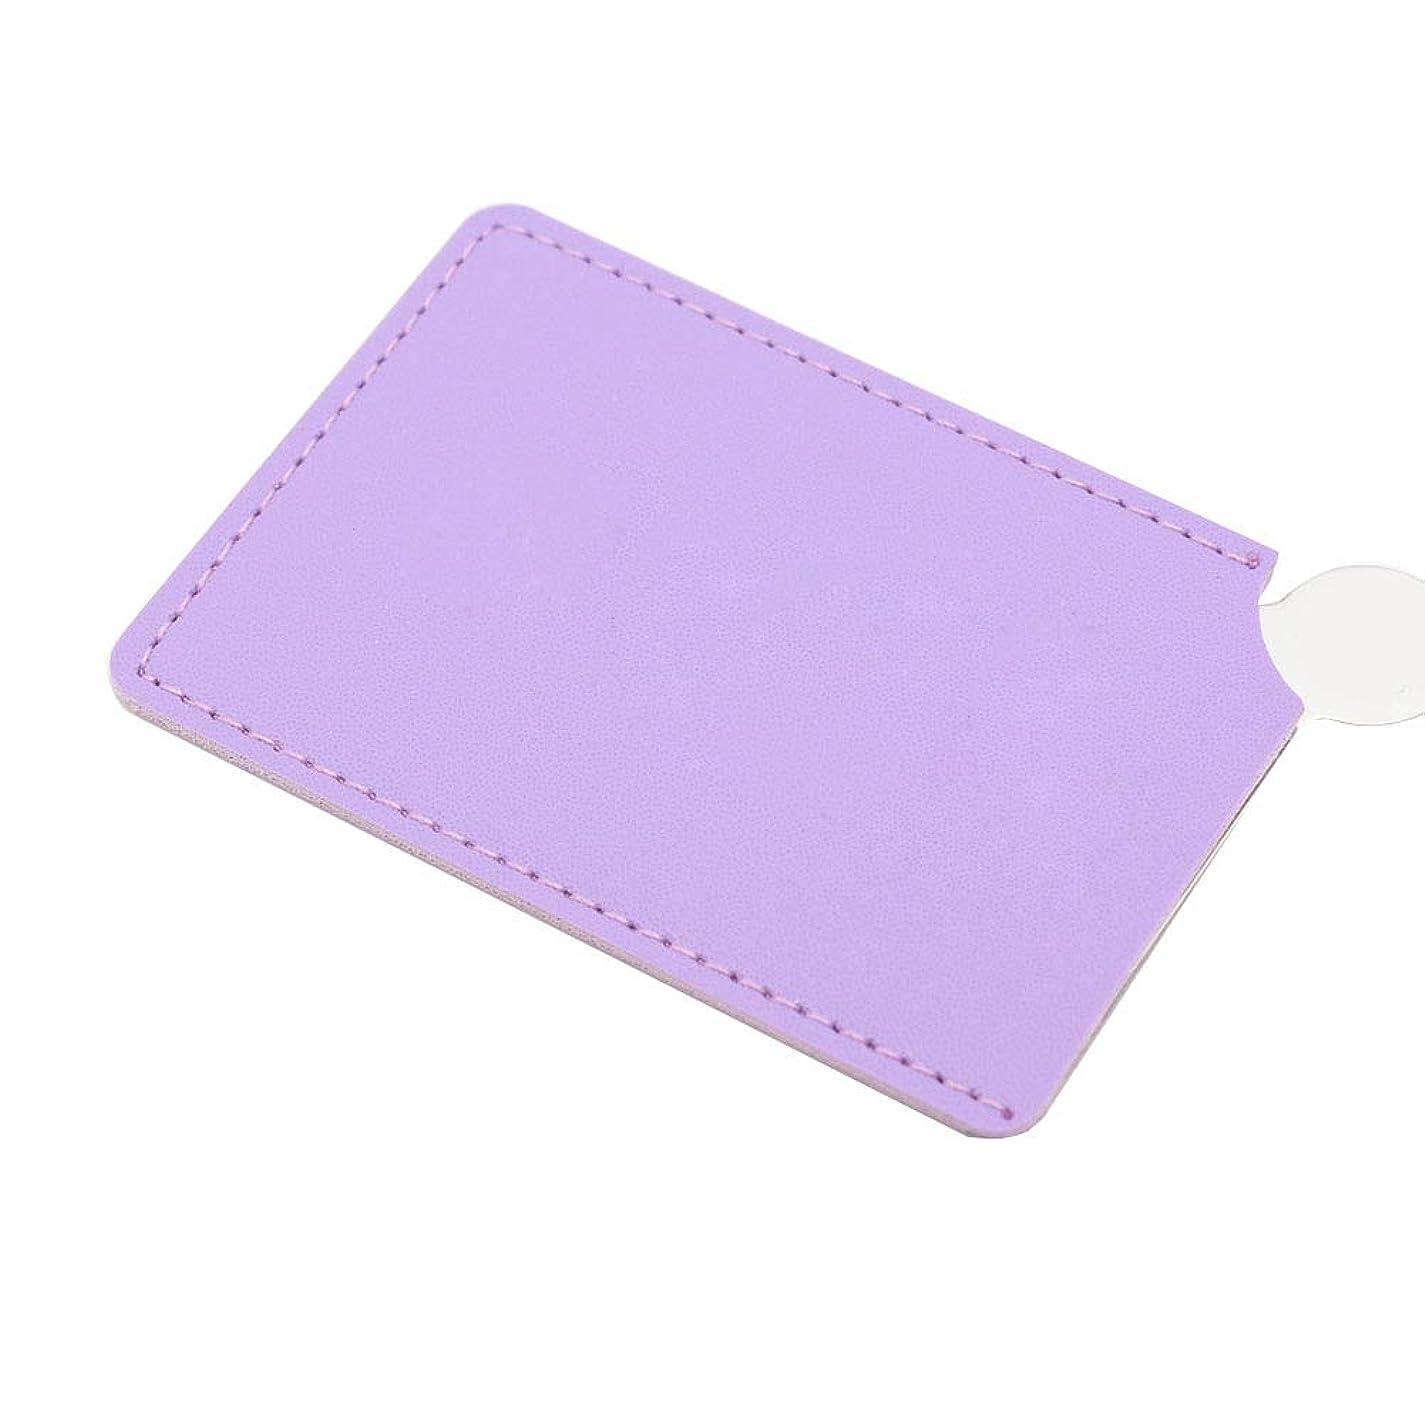 盲信病弱最もhamulekfae-化粧品綺麗割れない飛散防止ステンレススチールソリッドカラー化粧品化粧鏡 - パープル